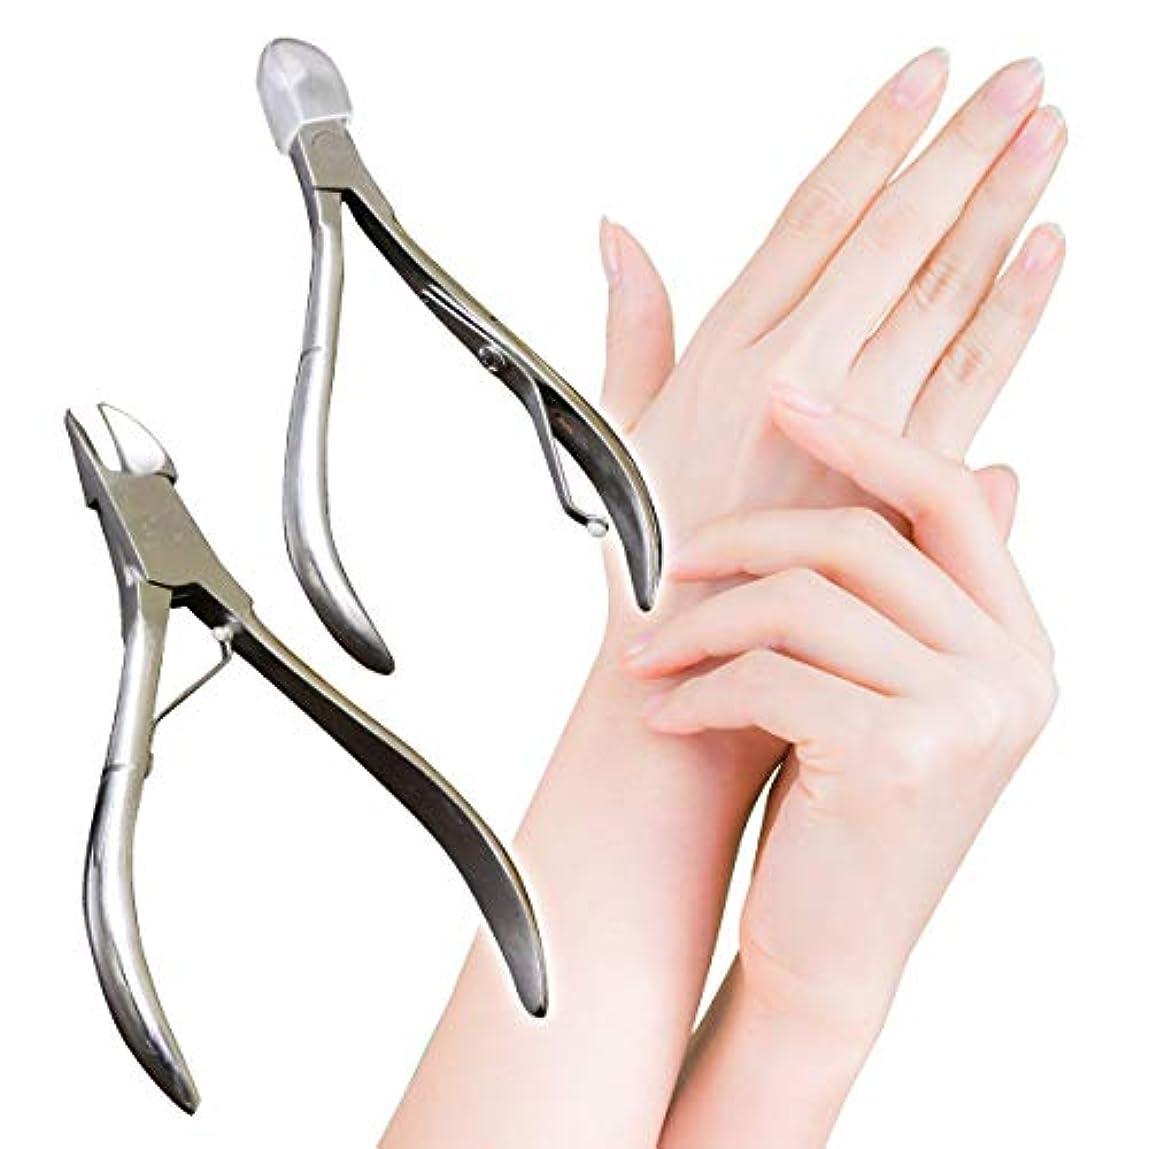 アンプモードリンくつろぐ「爪切り 大小2本セット」ネイルニッパー ステンレス製 割れ爪 巻き爪 陥入爪 2枚爪 厚い爪 足用 ささくれ 左右両用 ネイルケア 大小(S8L12)